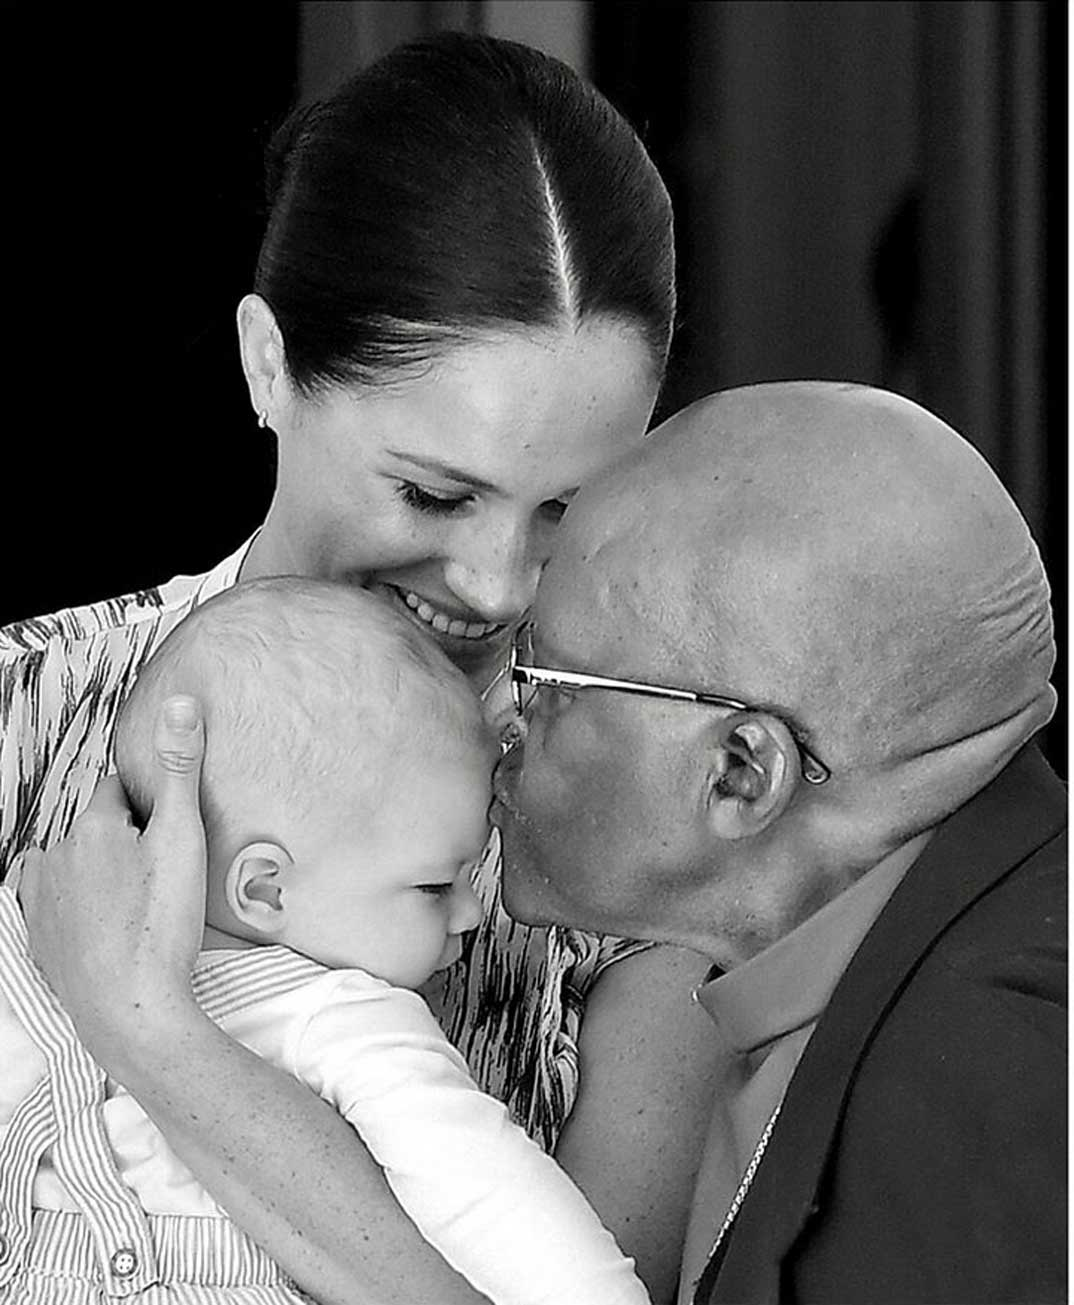 Los duques de Sussex con el pequeño Archie en Sudáfrica © sussexroyal/Instagram